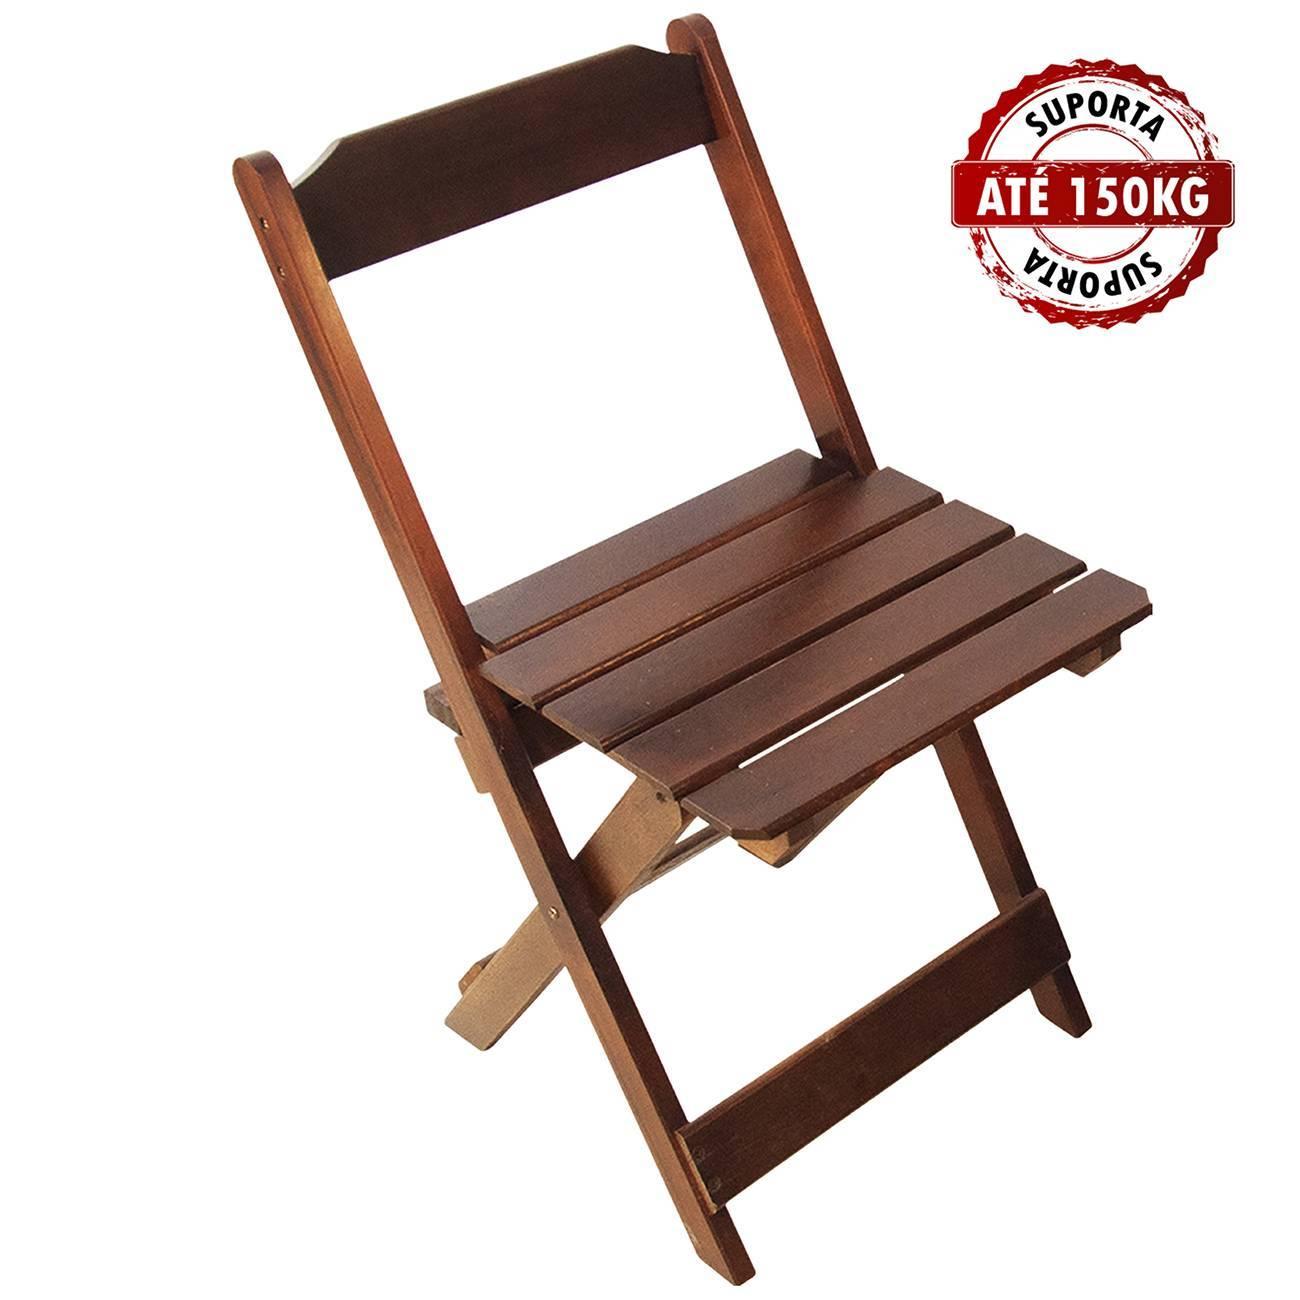 Kit 4 Cadeiras Madeira Maciça Dobrável Mel - LCGELETRO